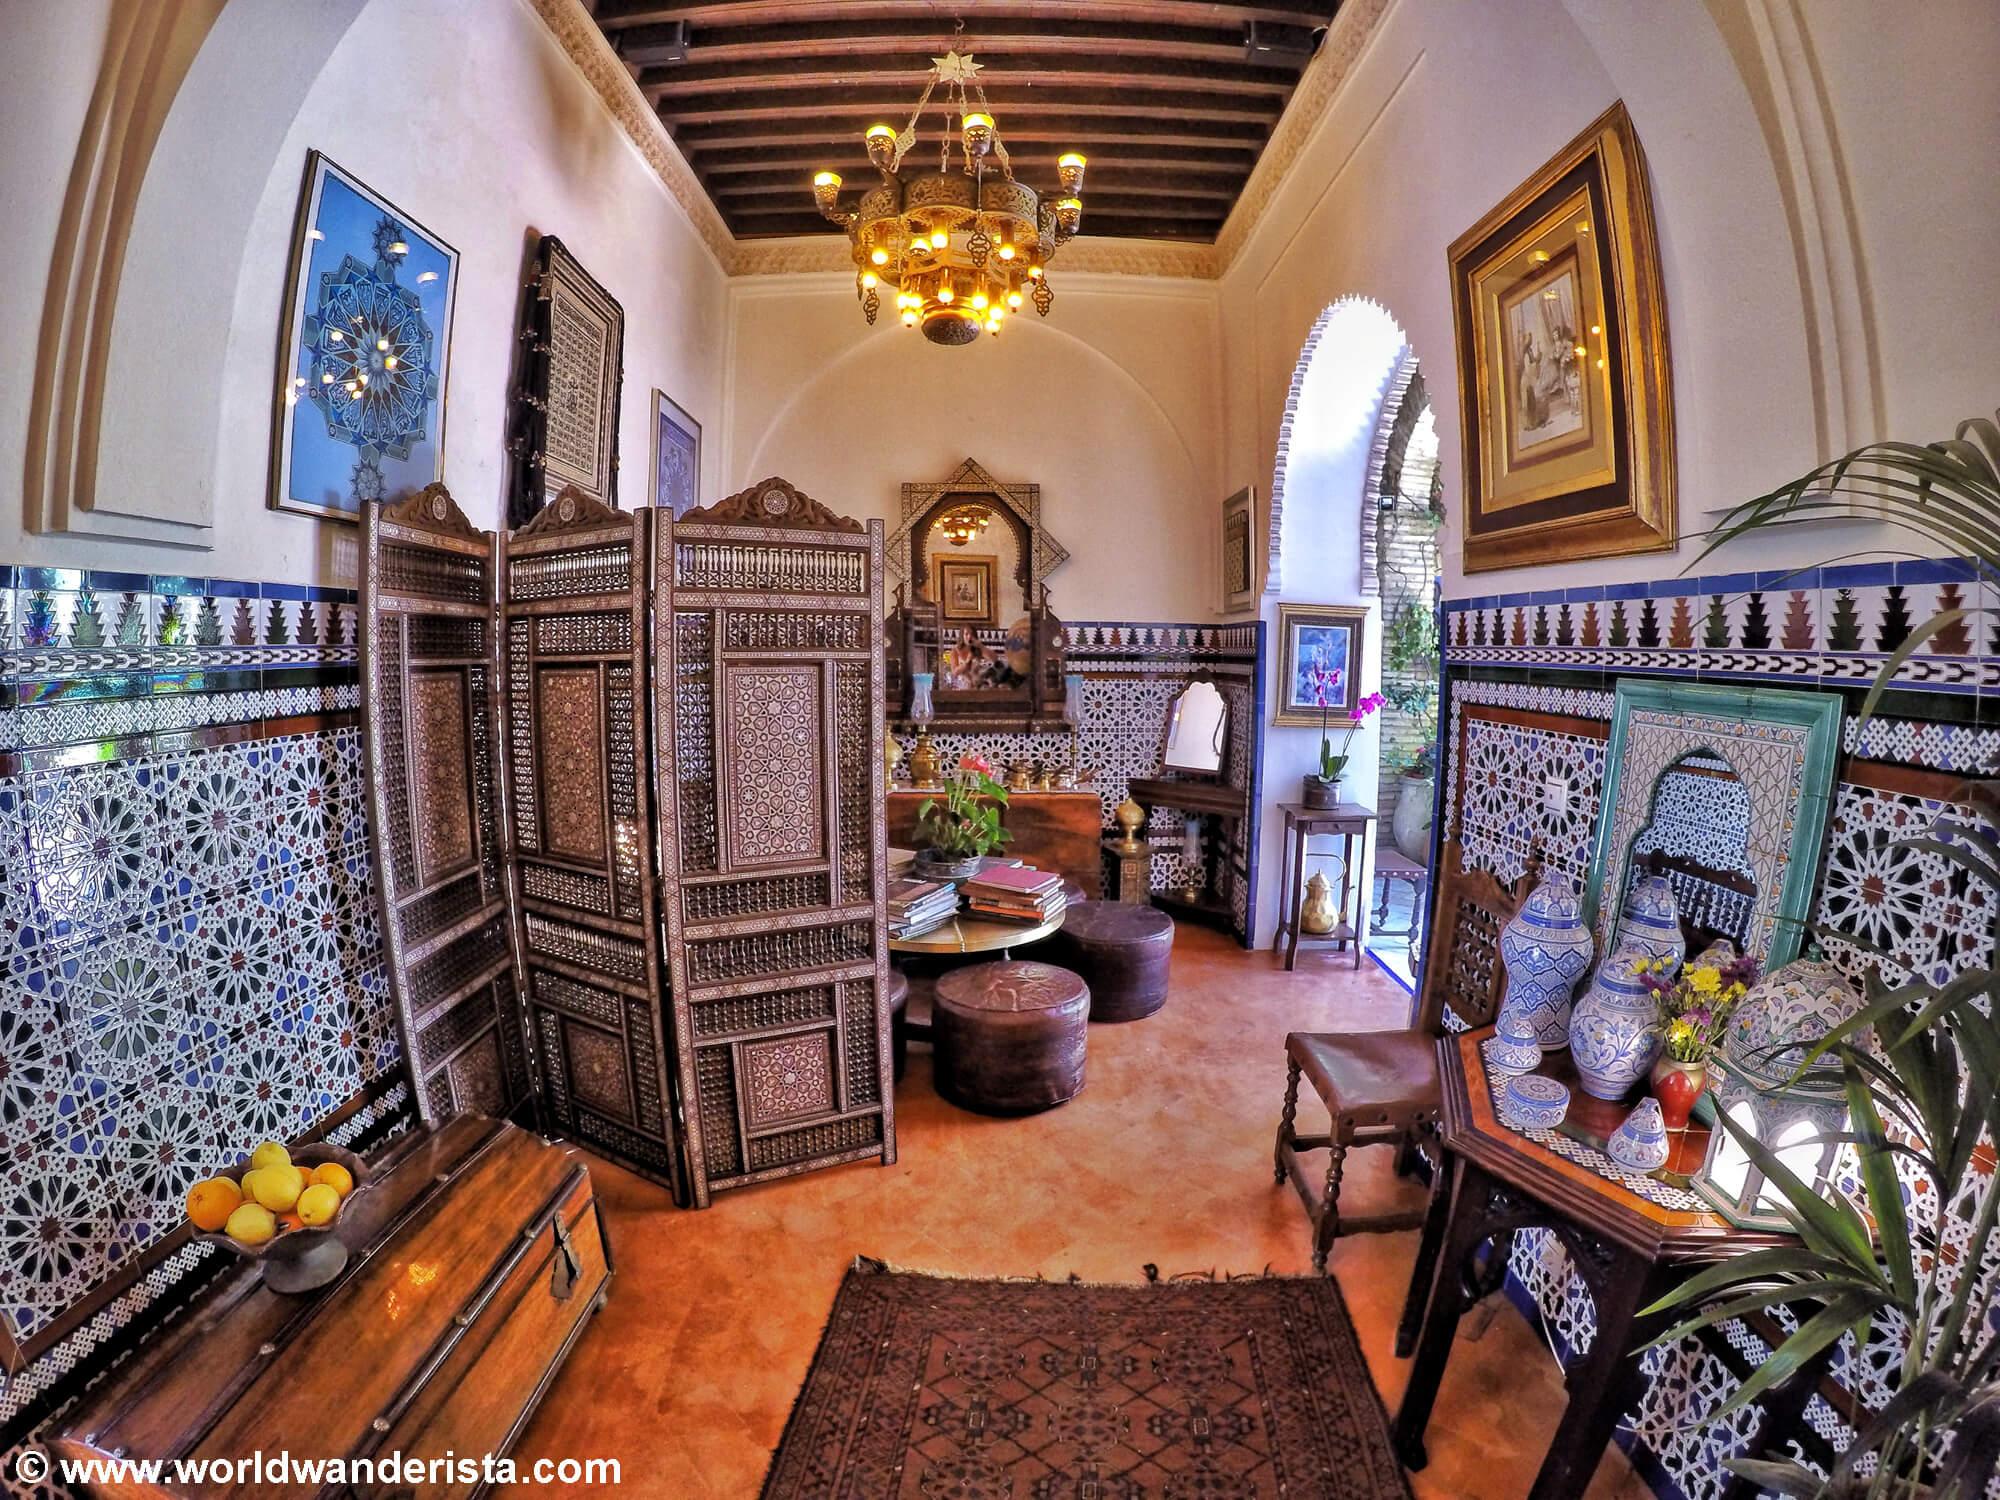 Casa Andalusi in Cordoba, a true hidden gem - WORLD WANDERISTA